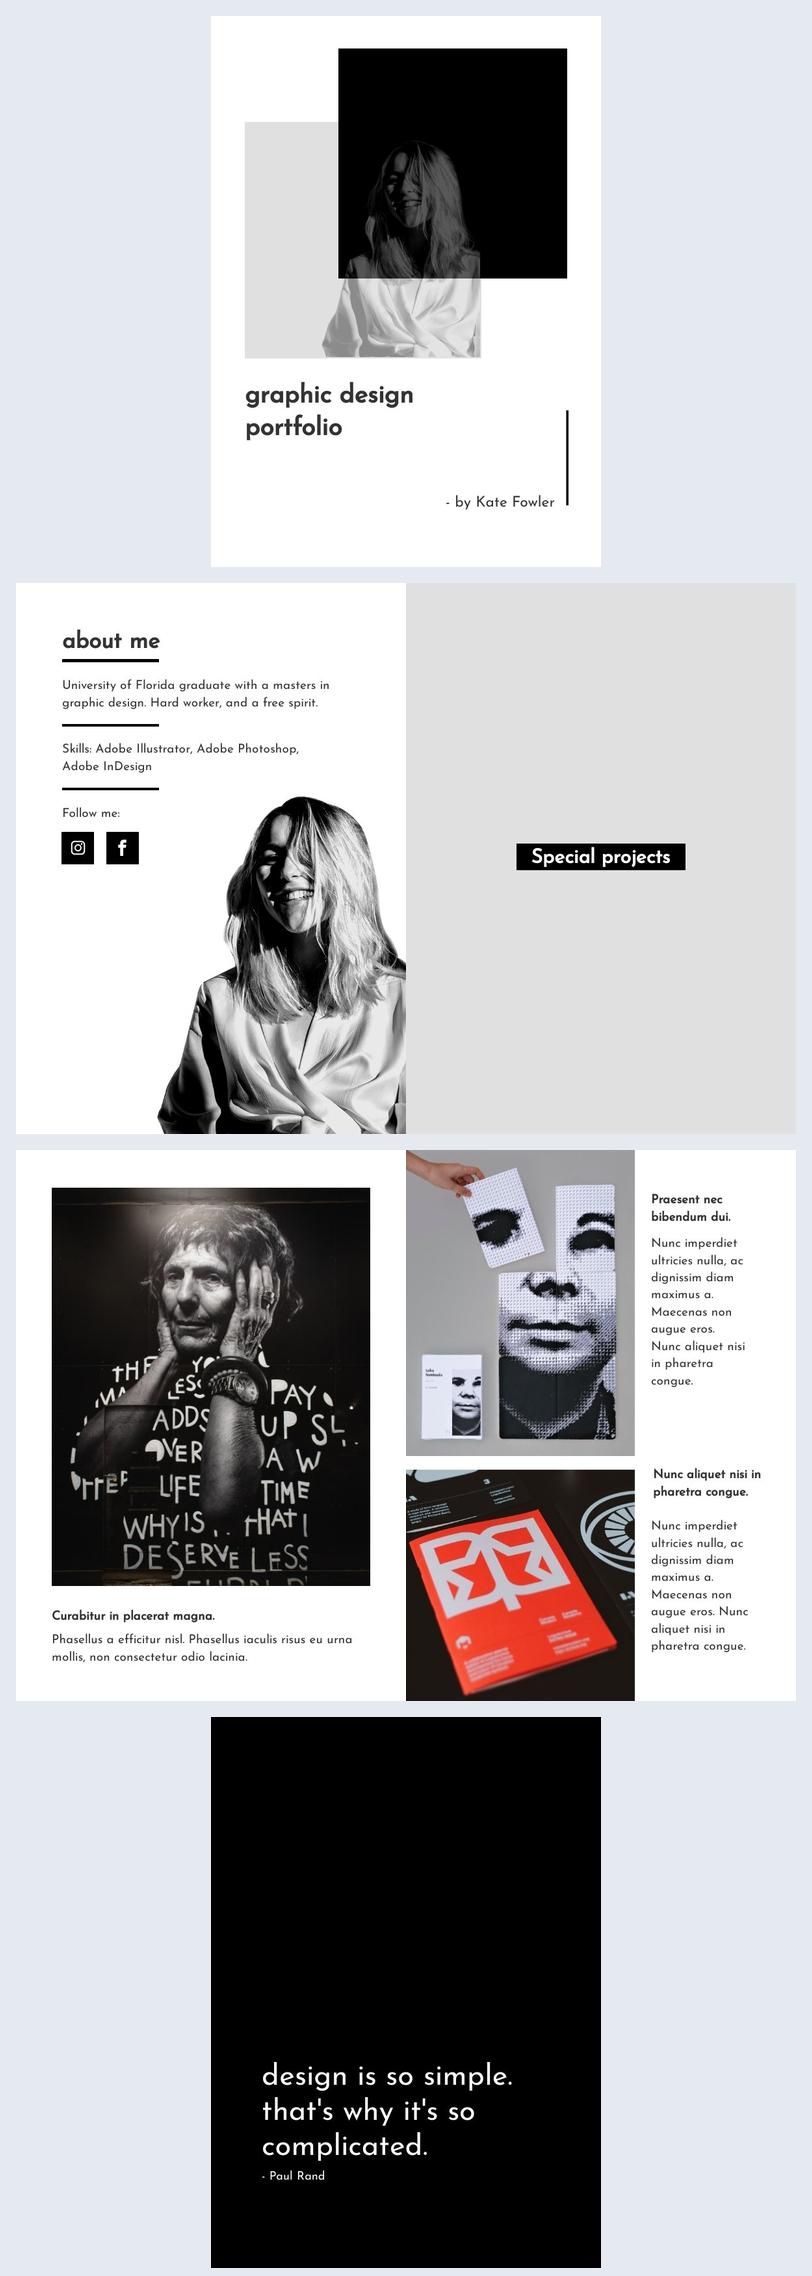 Design de portfólio digital de design gráfico